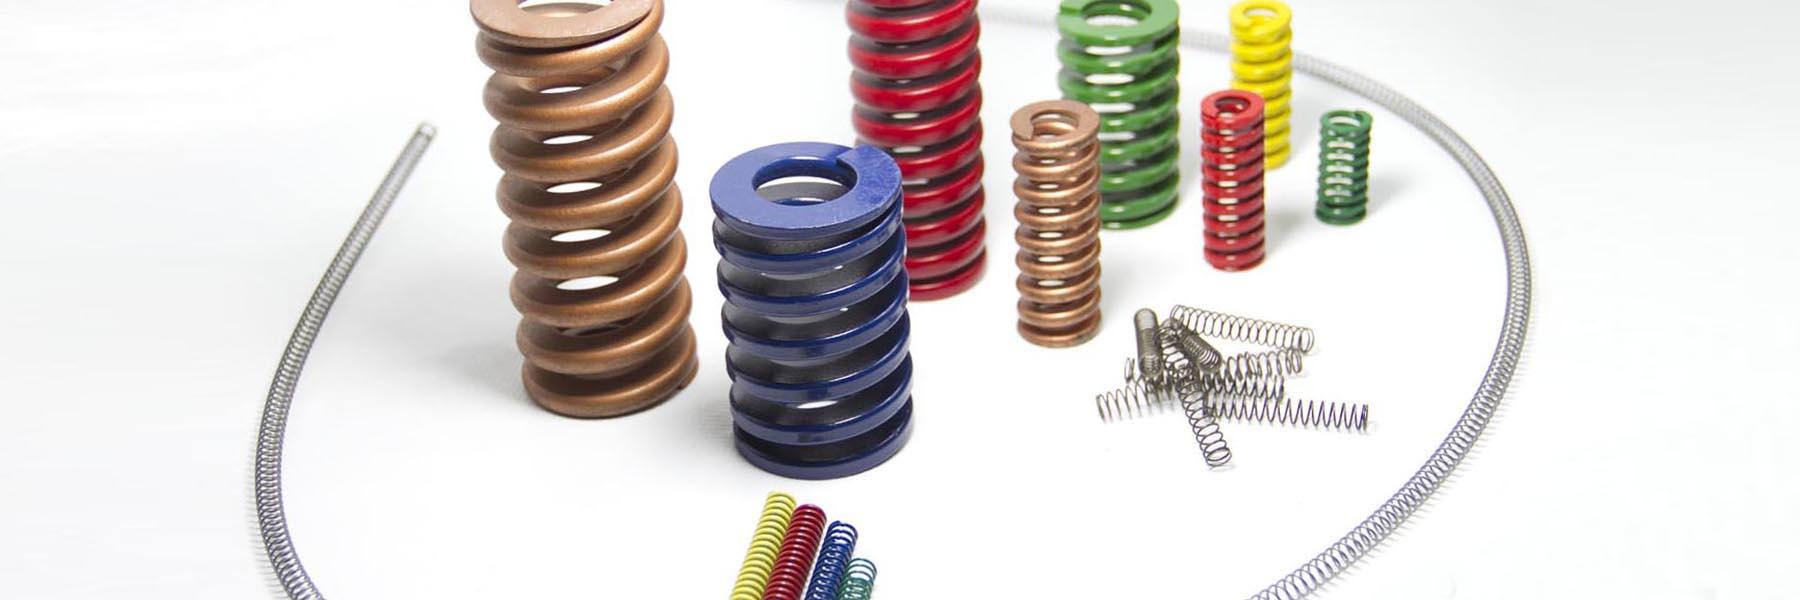 Deik Normalien Industriebdarf Werkzeughandel Systemfedern Druckfedern Zugfedern